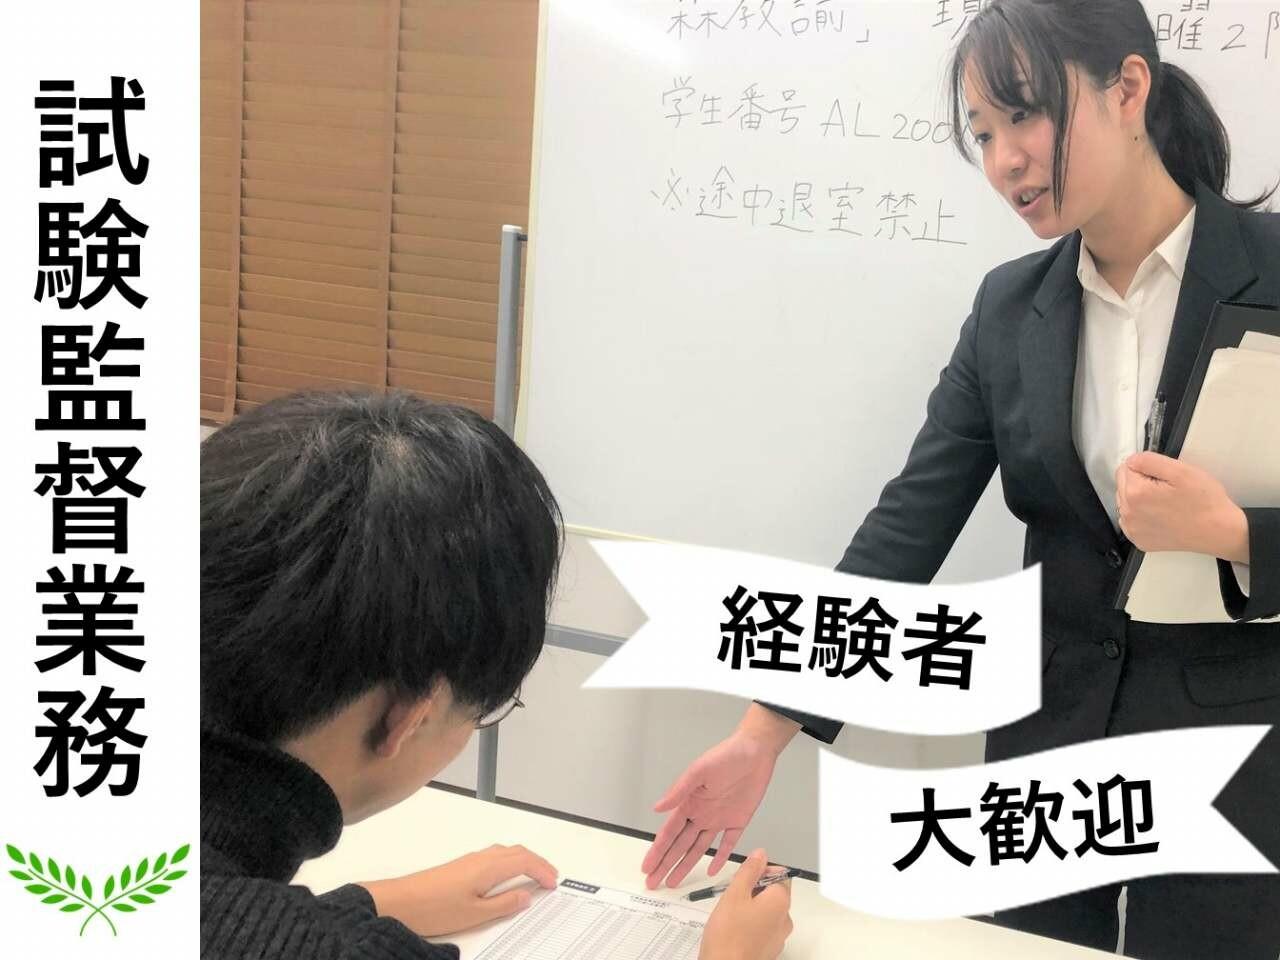 5/23(日)!英語の試験の試験監督!日払いOK イメージ1